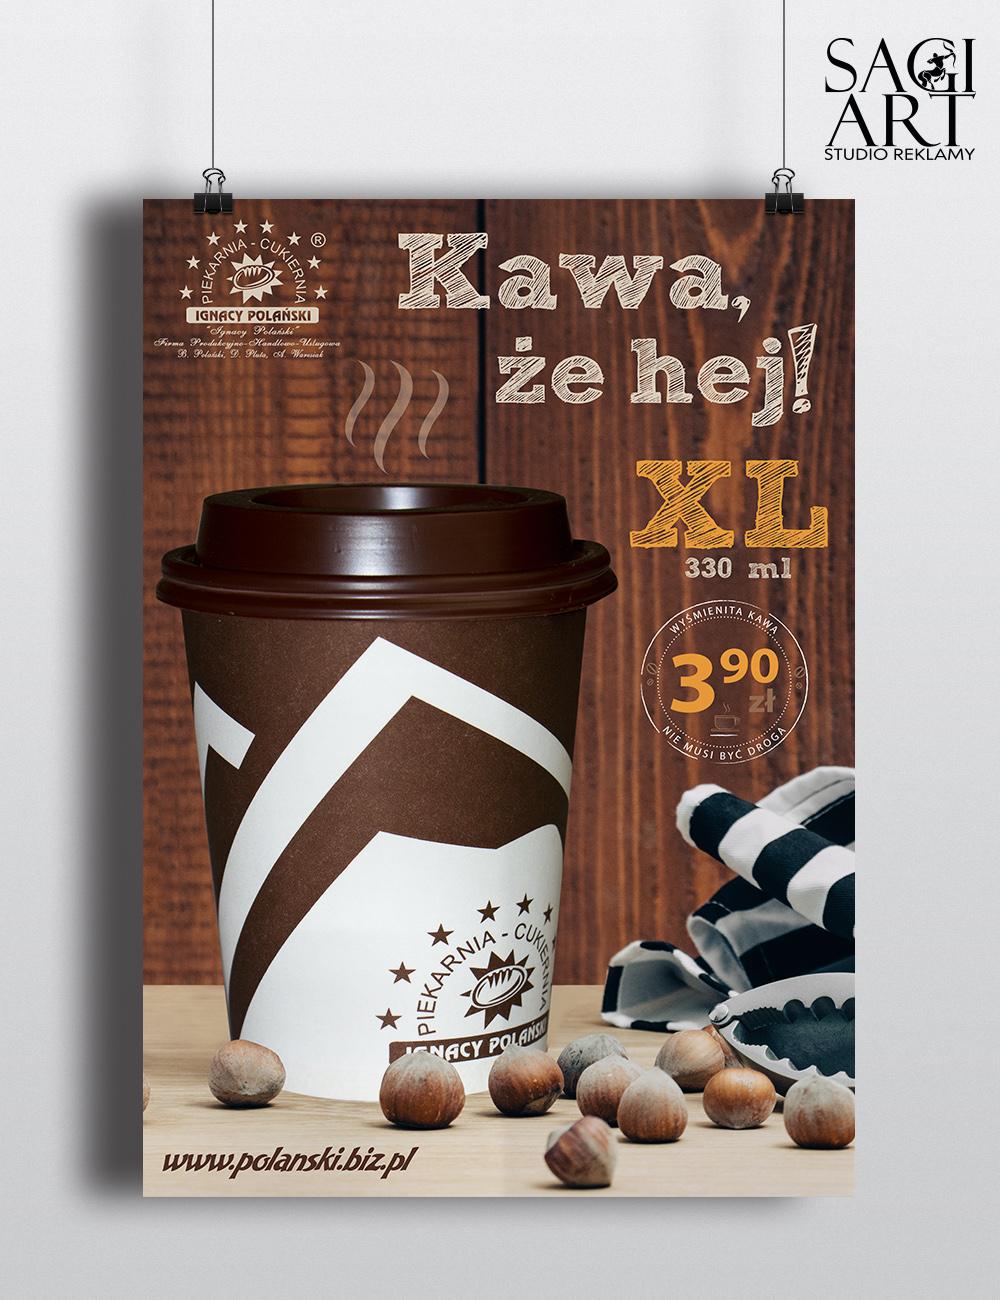 Przygotowanie graficzne + wydruk plakatów A3 oraz A2 promujących gorące napoje w restauracji Polański w Makowie